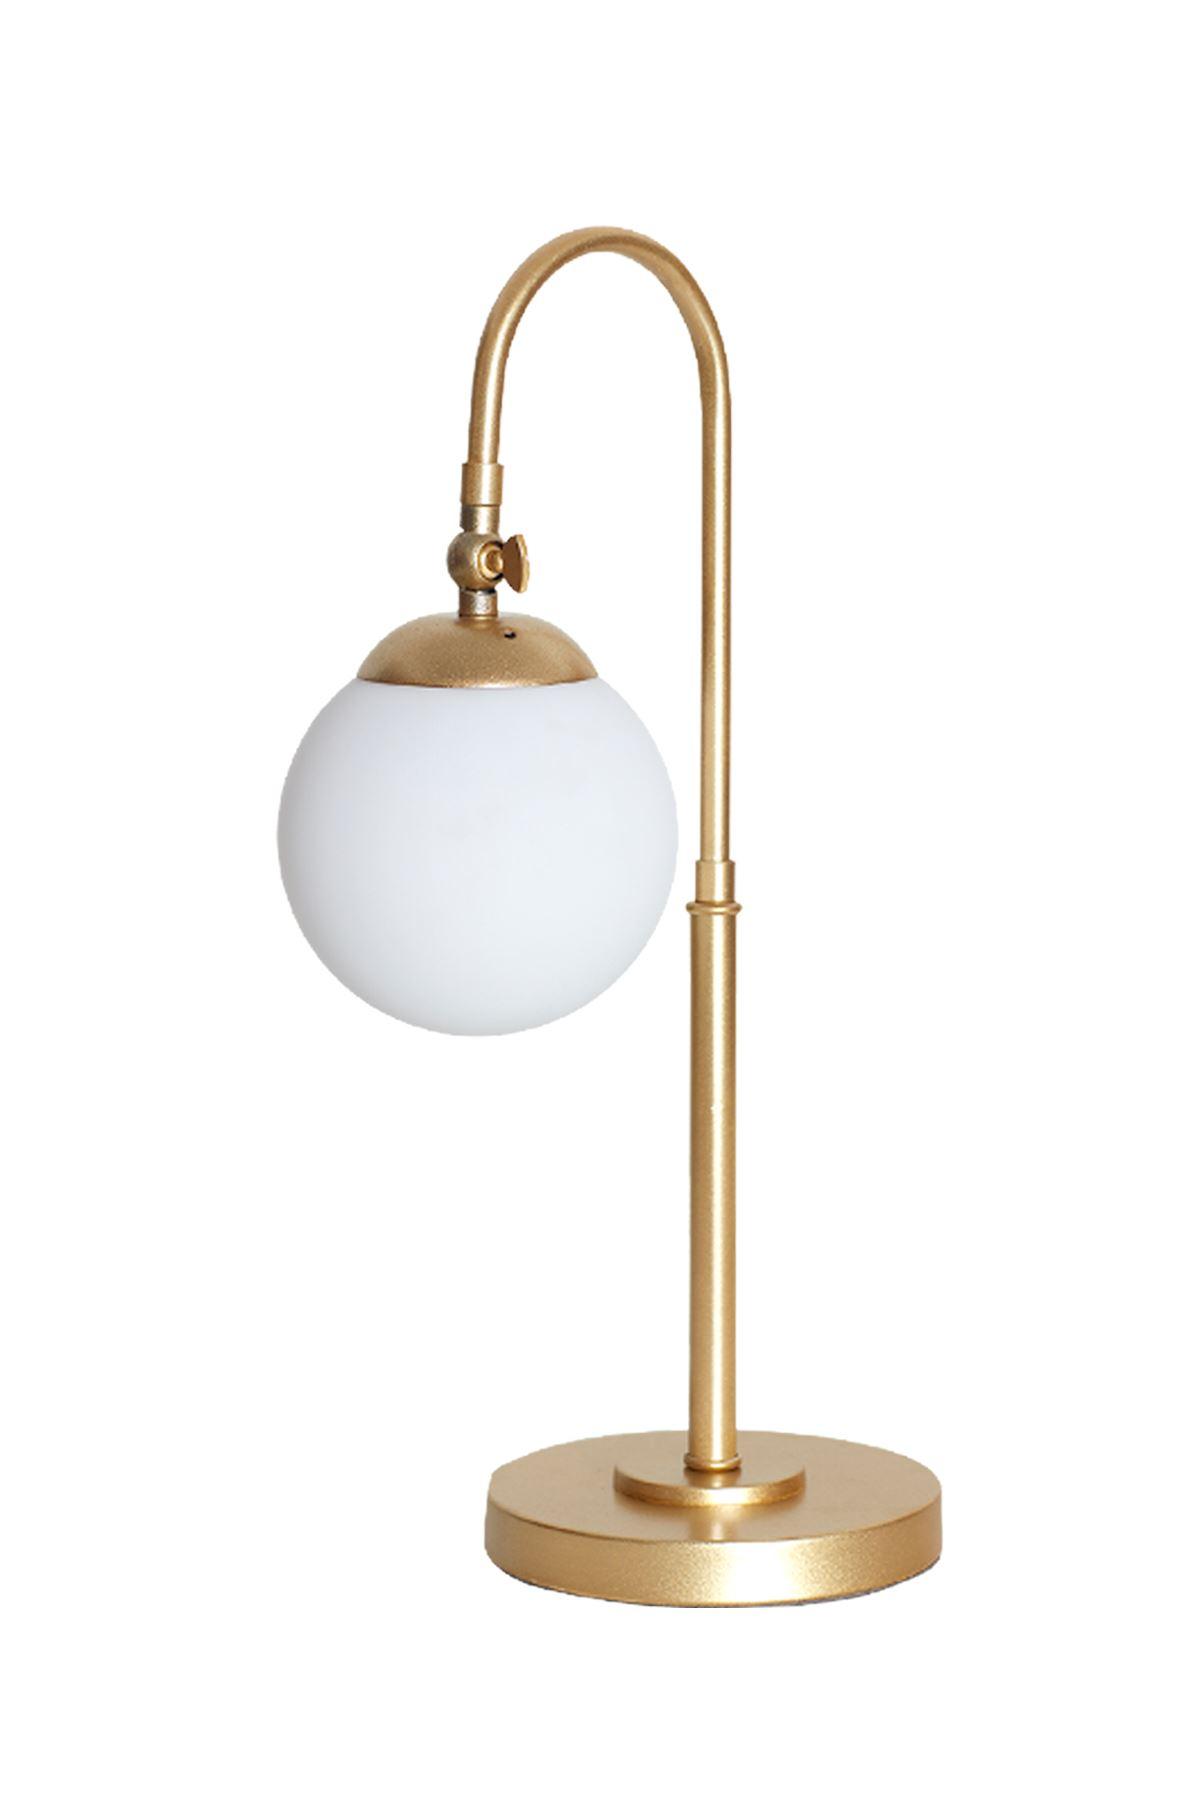 Amor Sarı Metal Gövde Beyaz Camlı Tasarım Lüx Masa Lambası